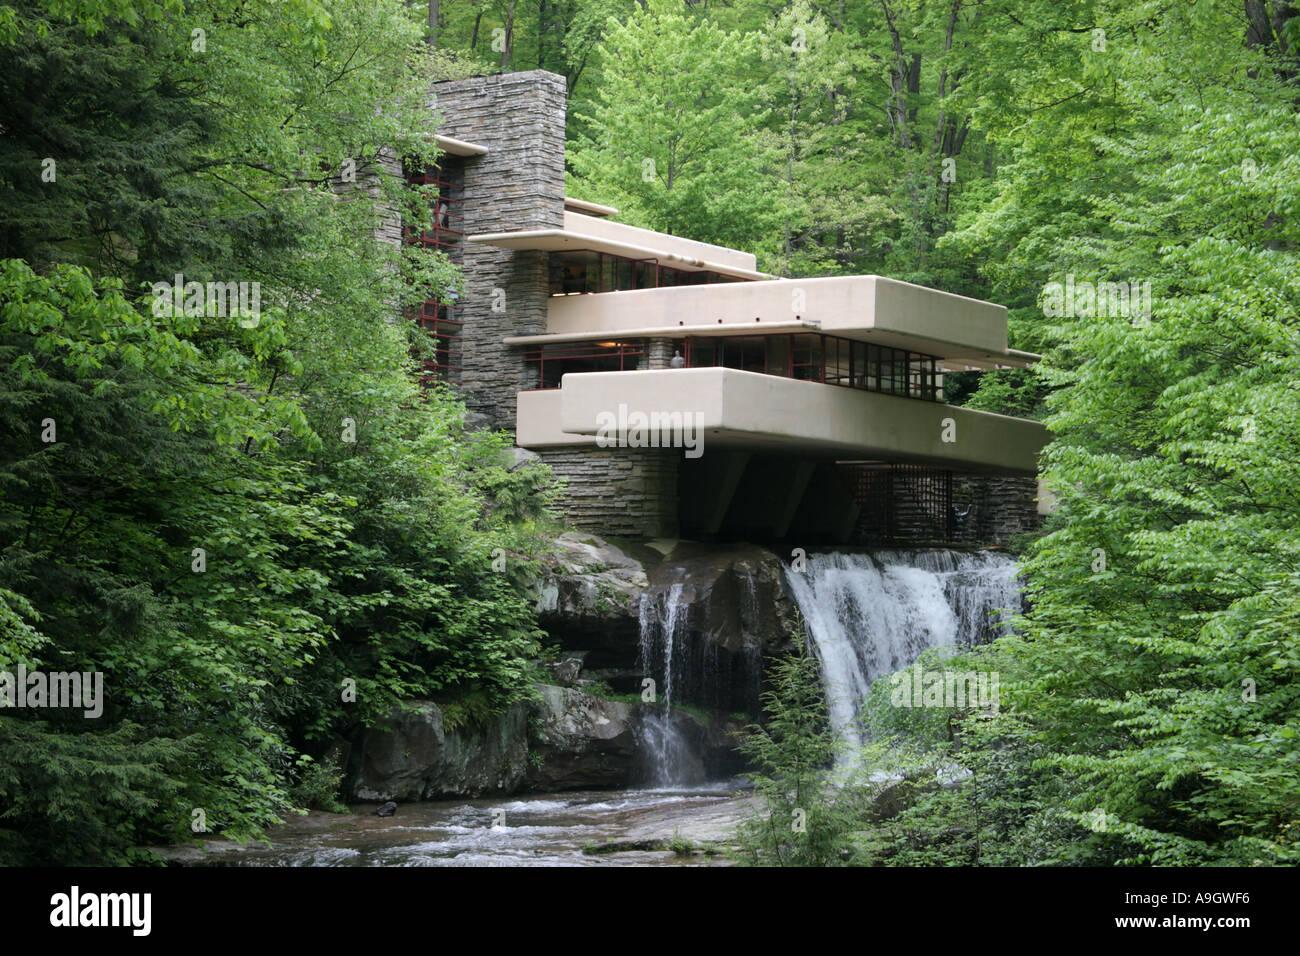 Fallingwater By Frank Lloyd Wright Mill Run Pennsylvania